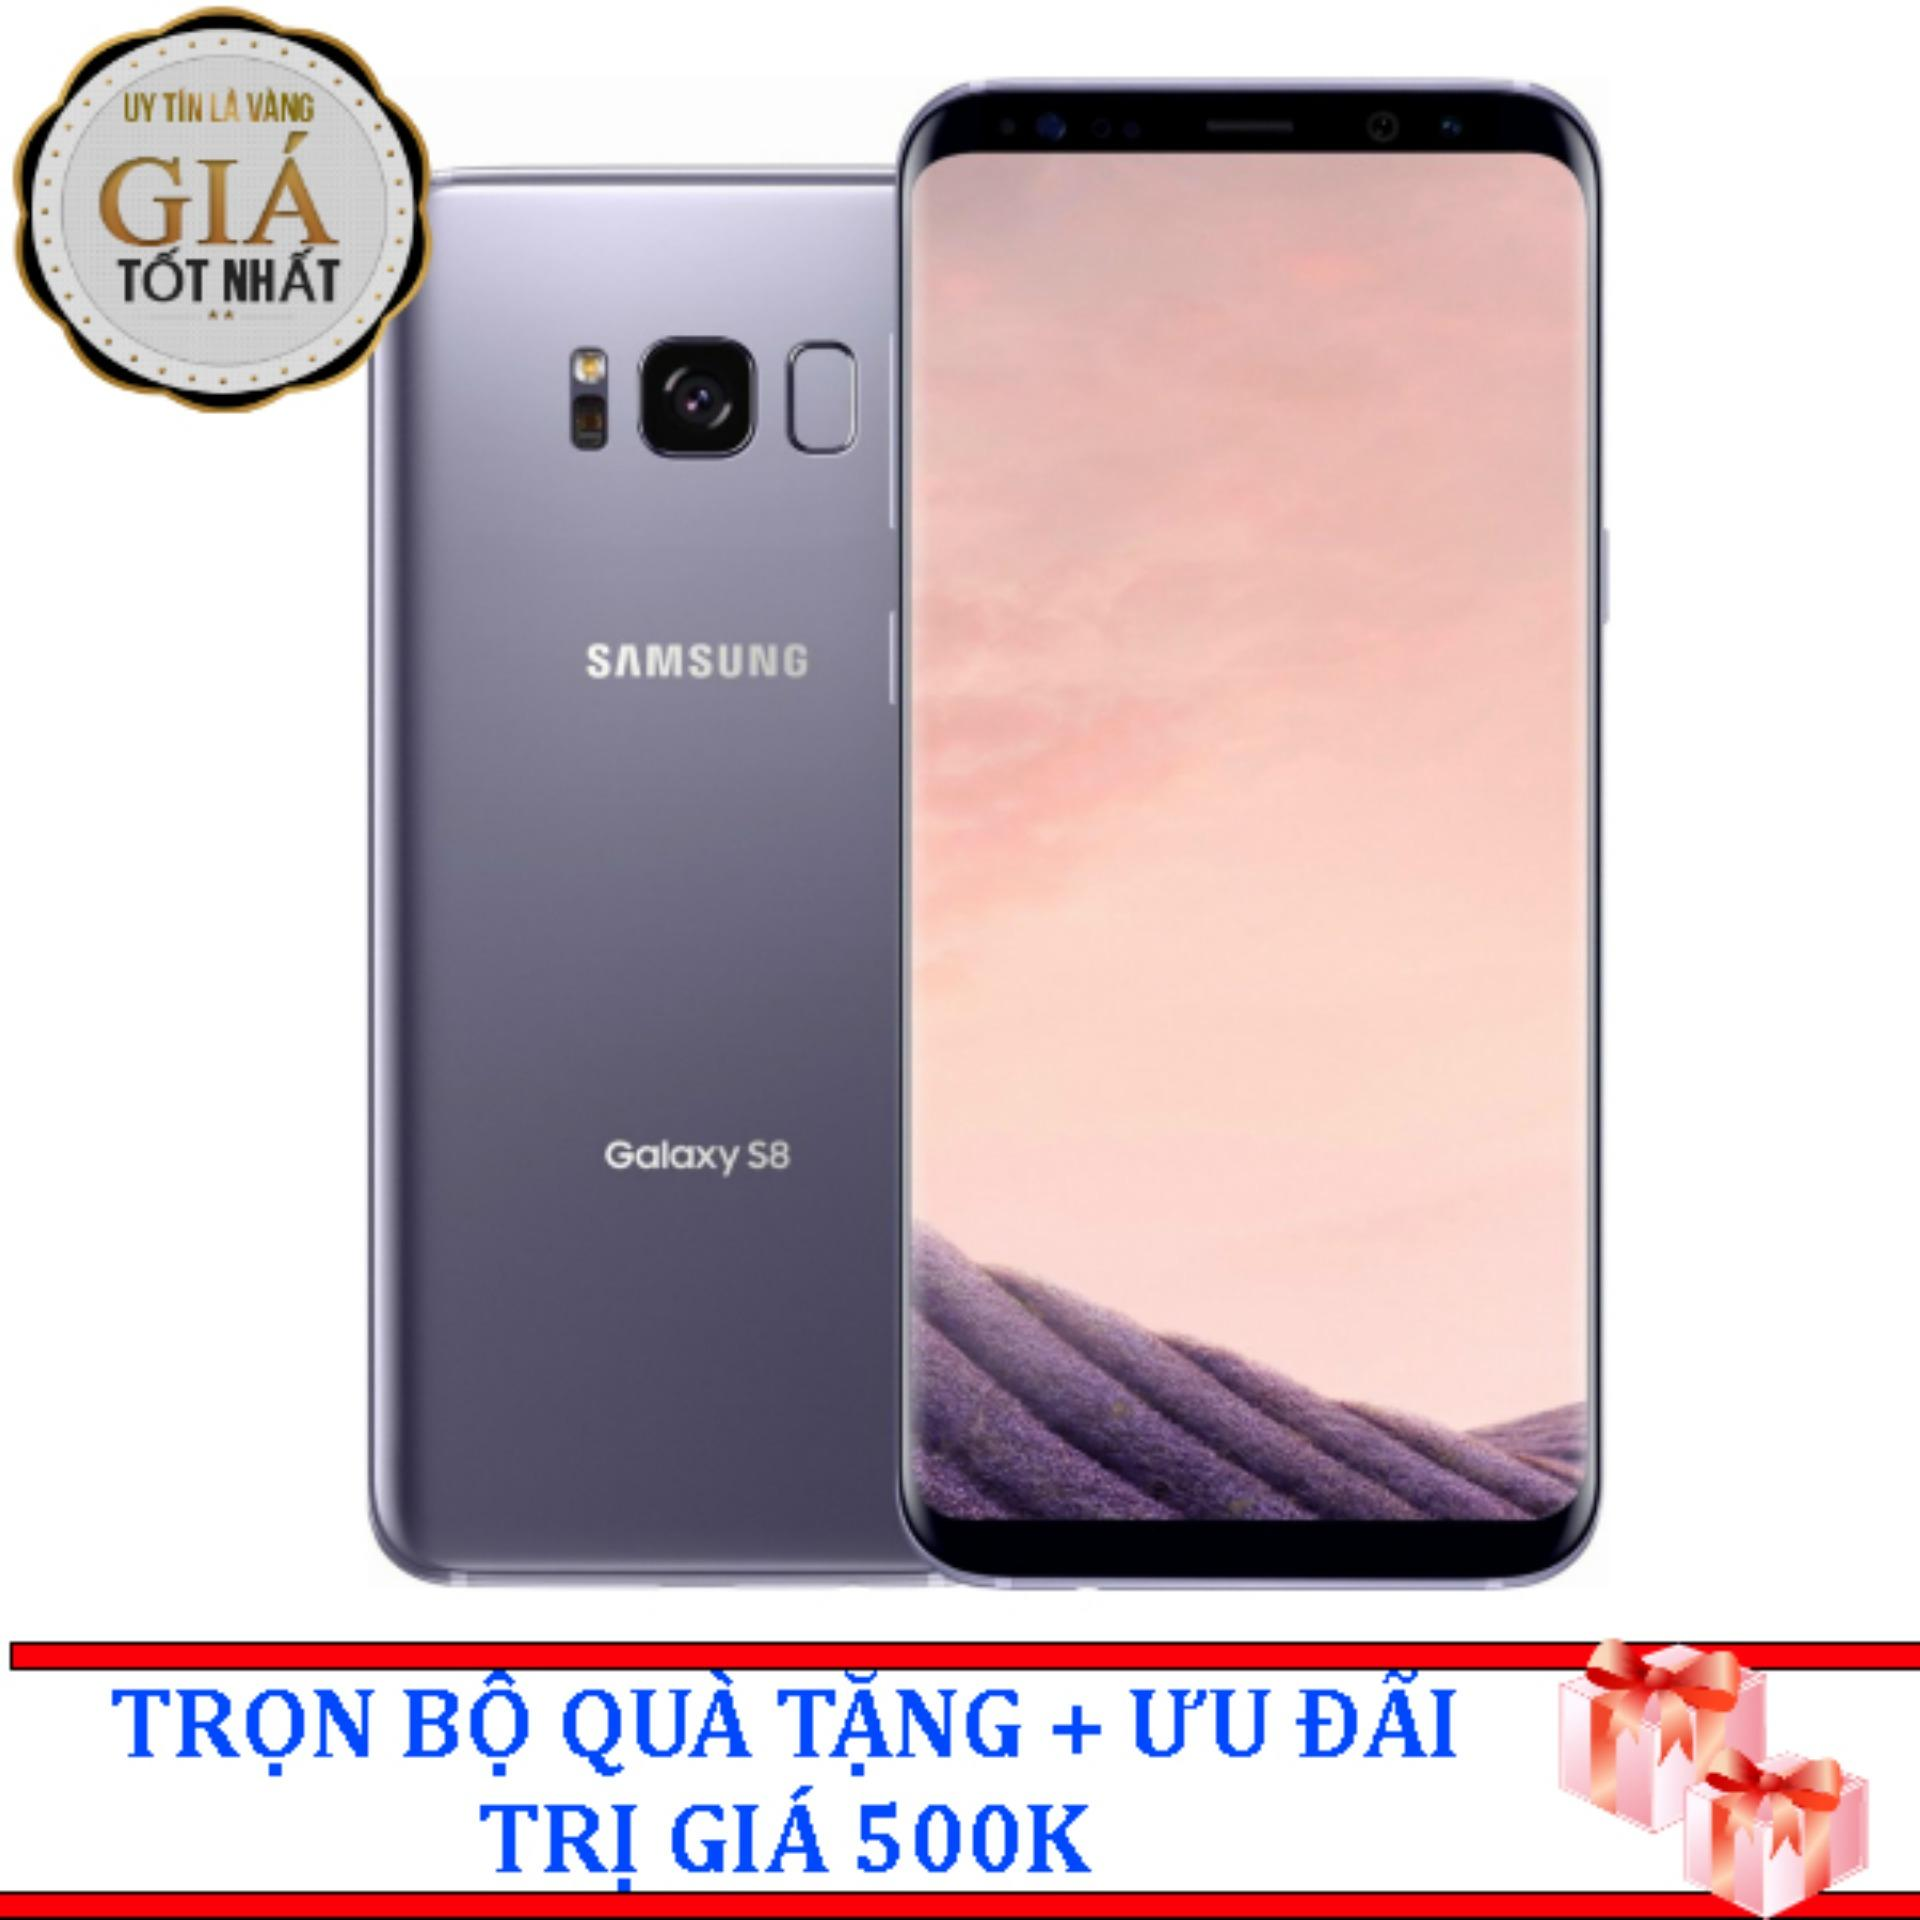 Giá Bán Samsung Galaxy S8 64G Ram 4Gb 5 8Inch Tim Khoi Hang Nhập Khẩu Mới Nhất